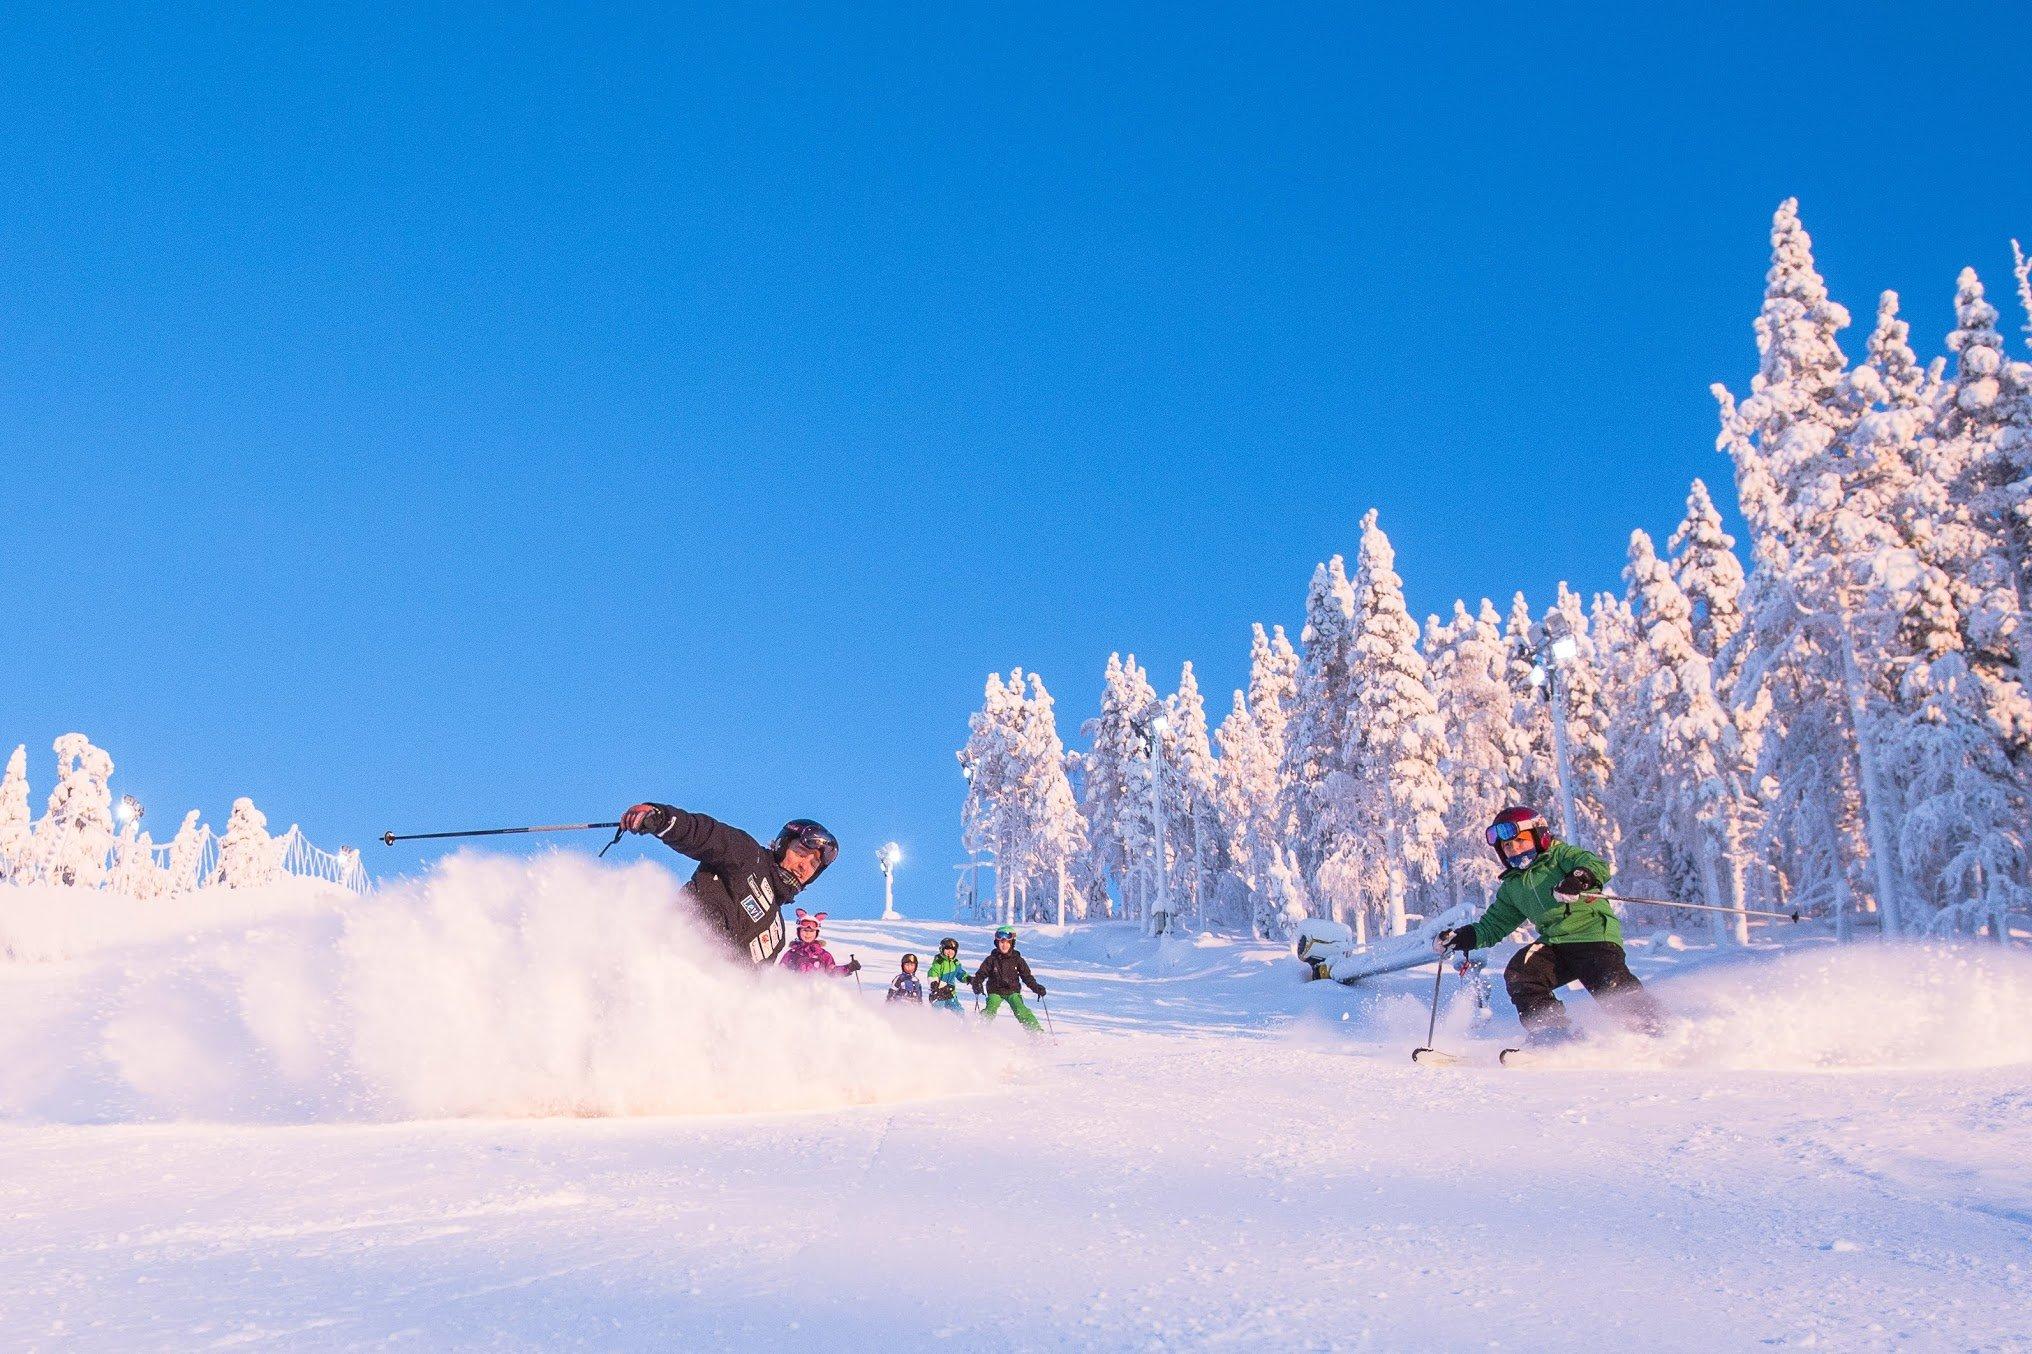 Levi season passes for alpine ski racers